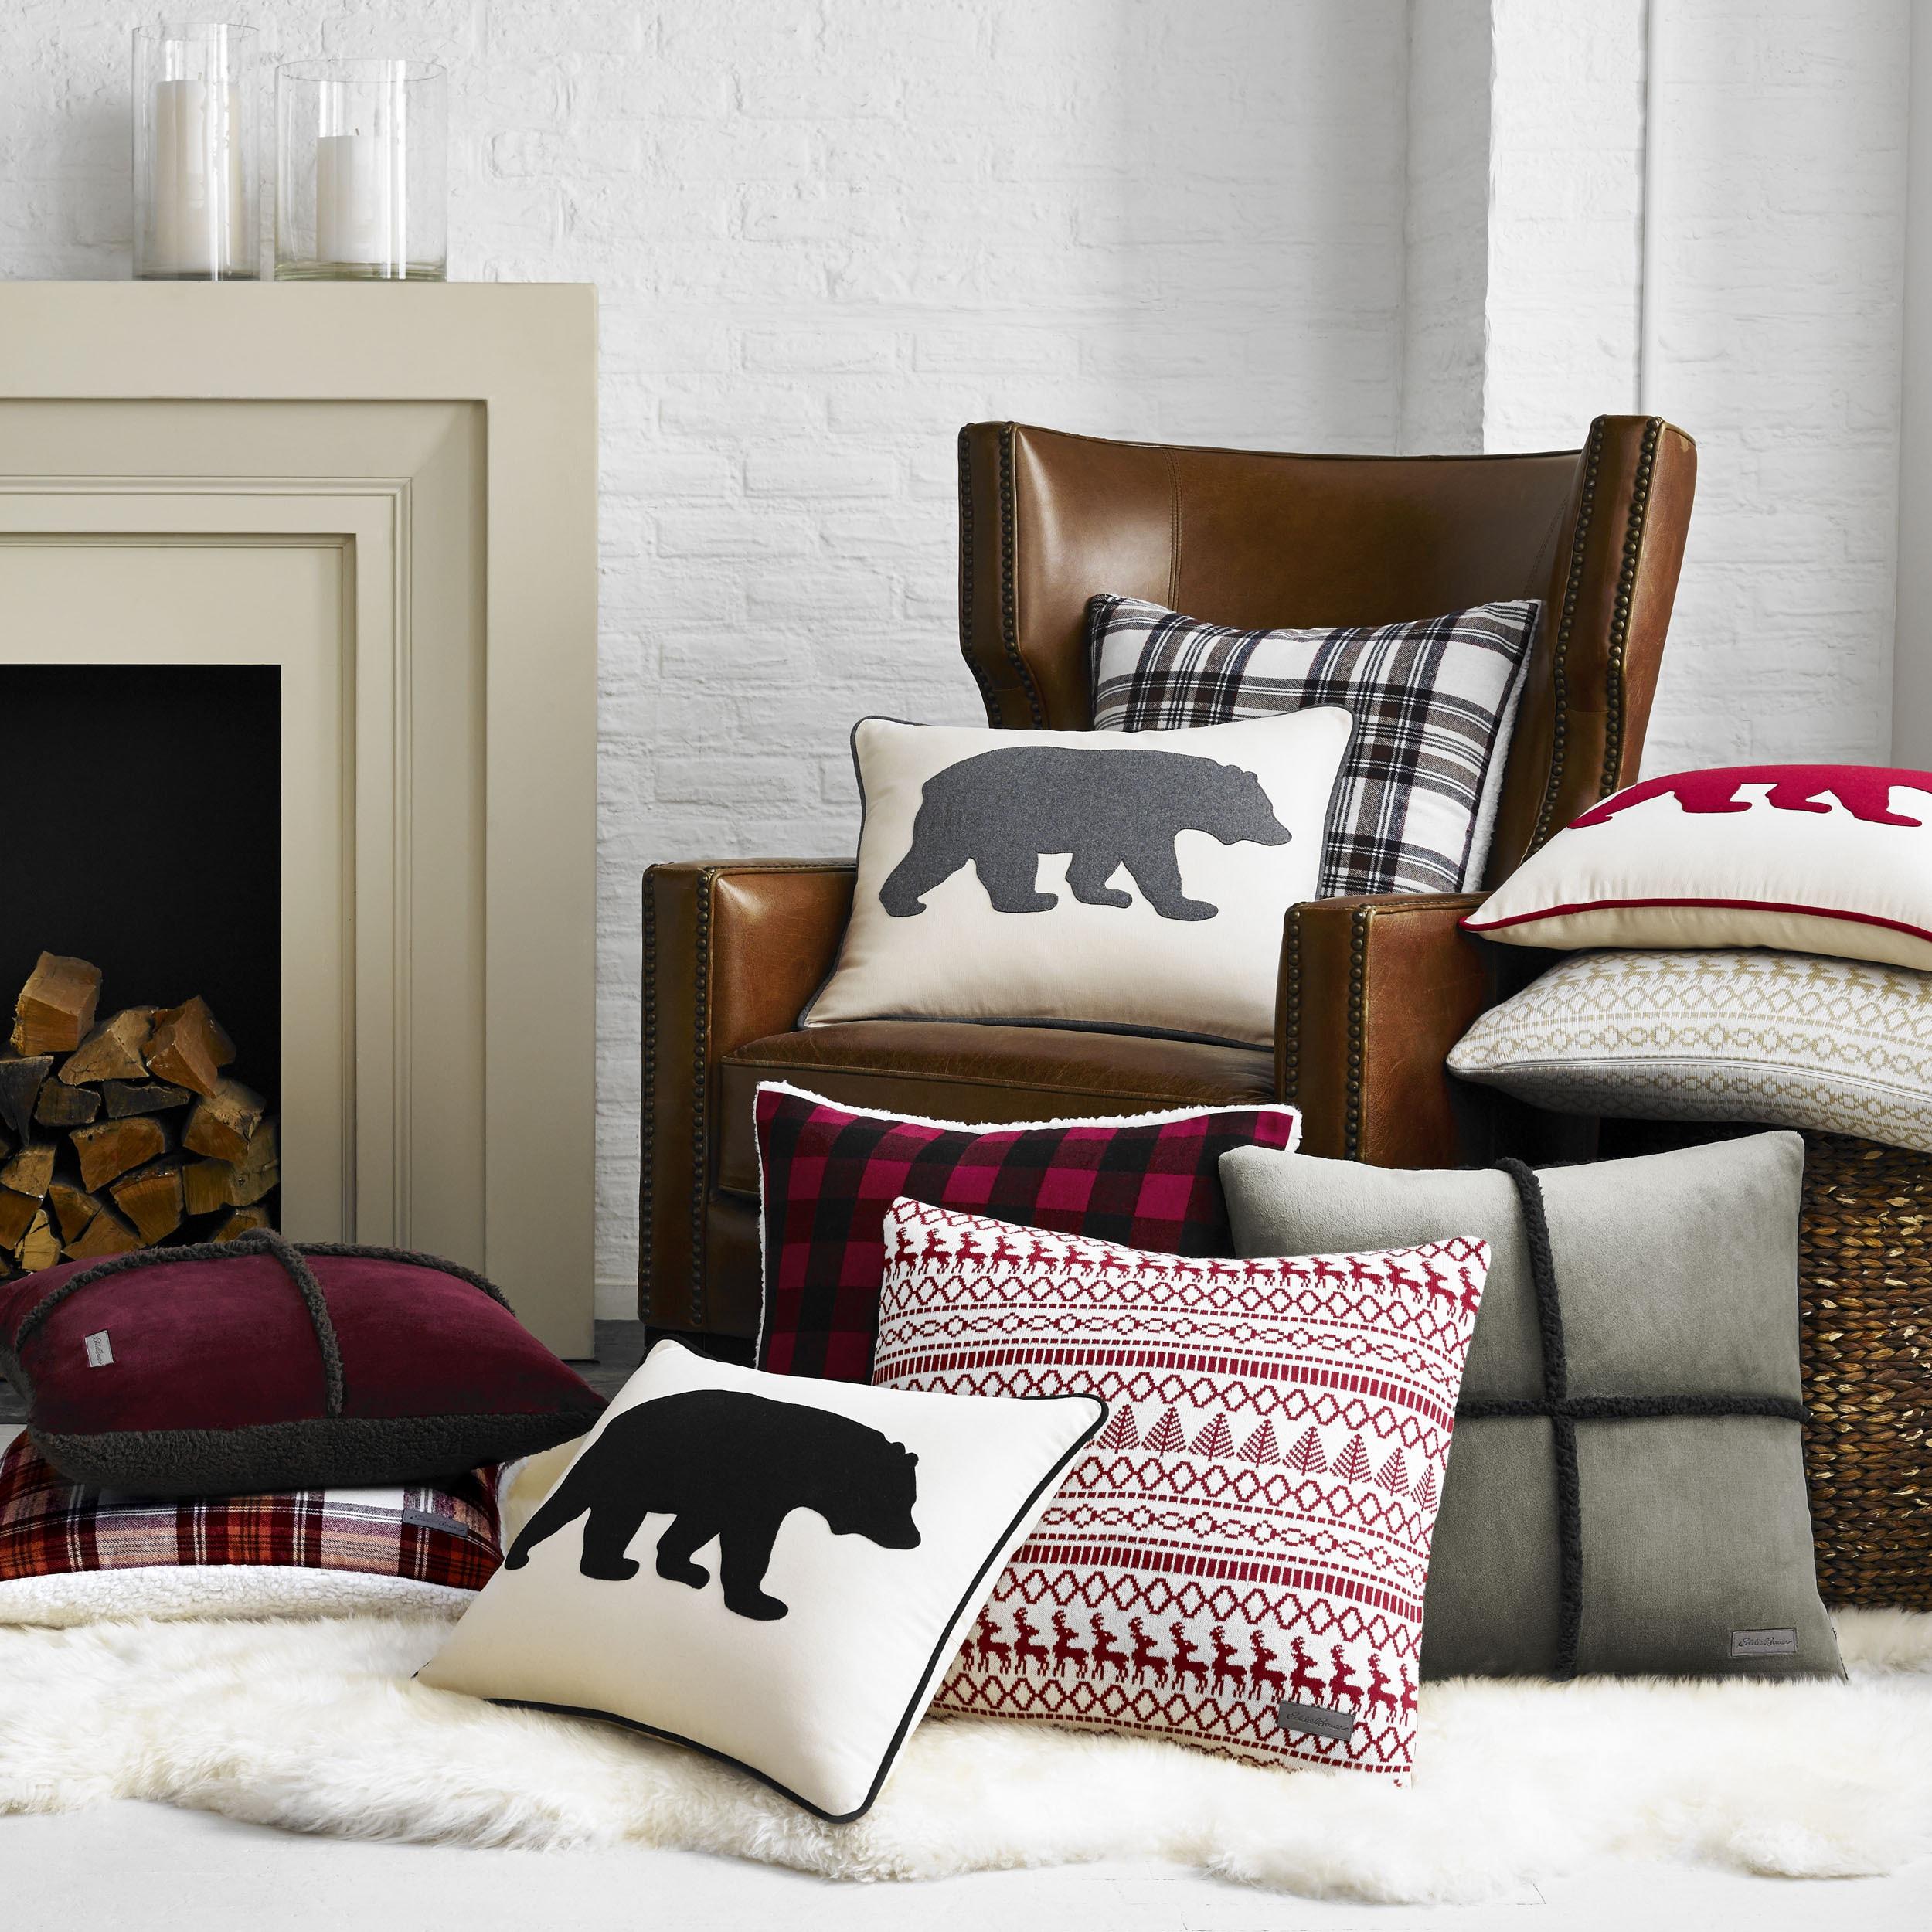 Eddie Bauer Bear Felt 3 Colors Decorative Pillows Free Shipping  ~ Throw Pillows For Sofa Cheap